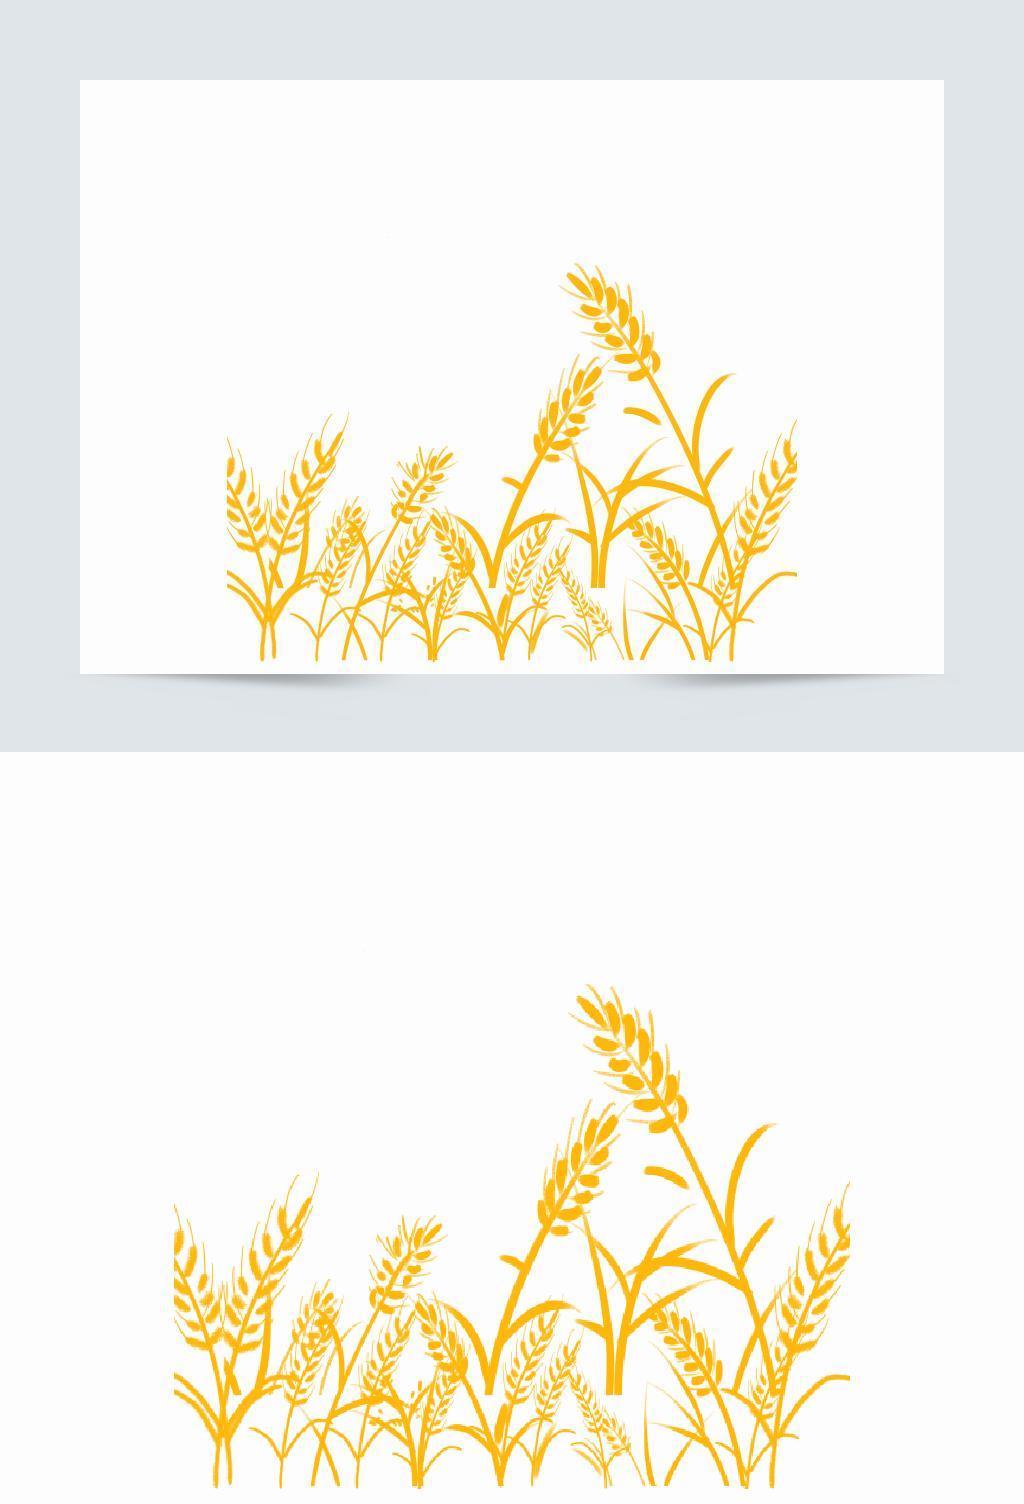 创意可爱卡通手绘麦穗